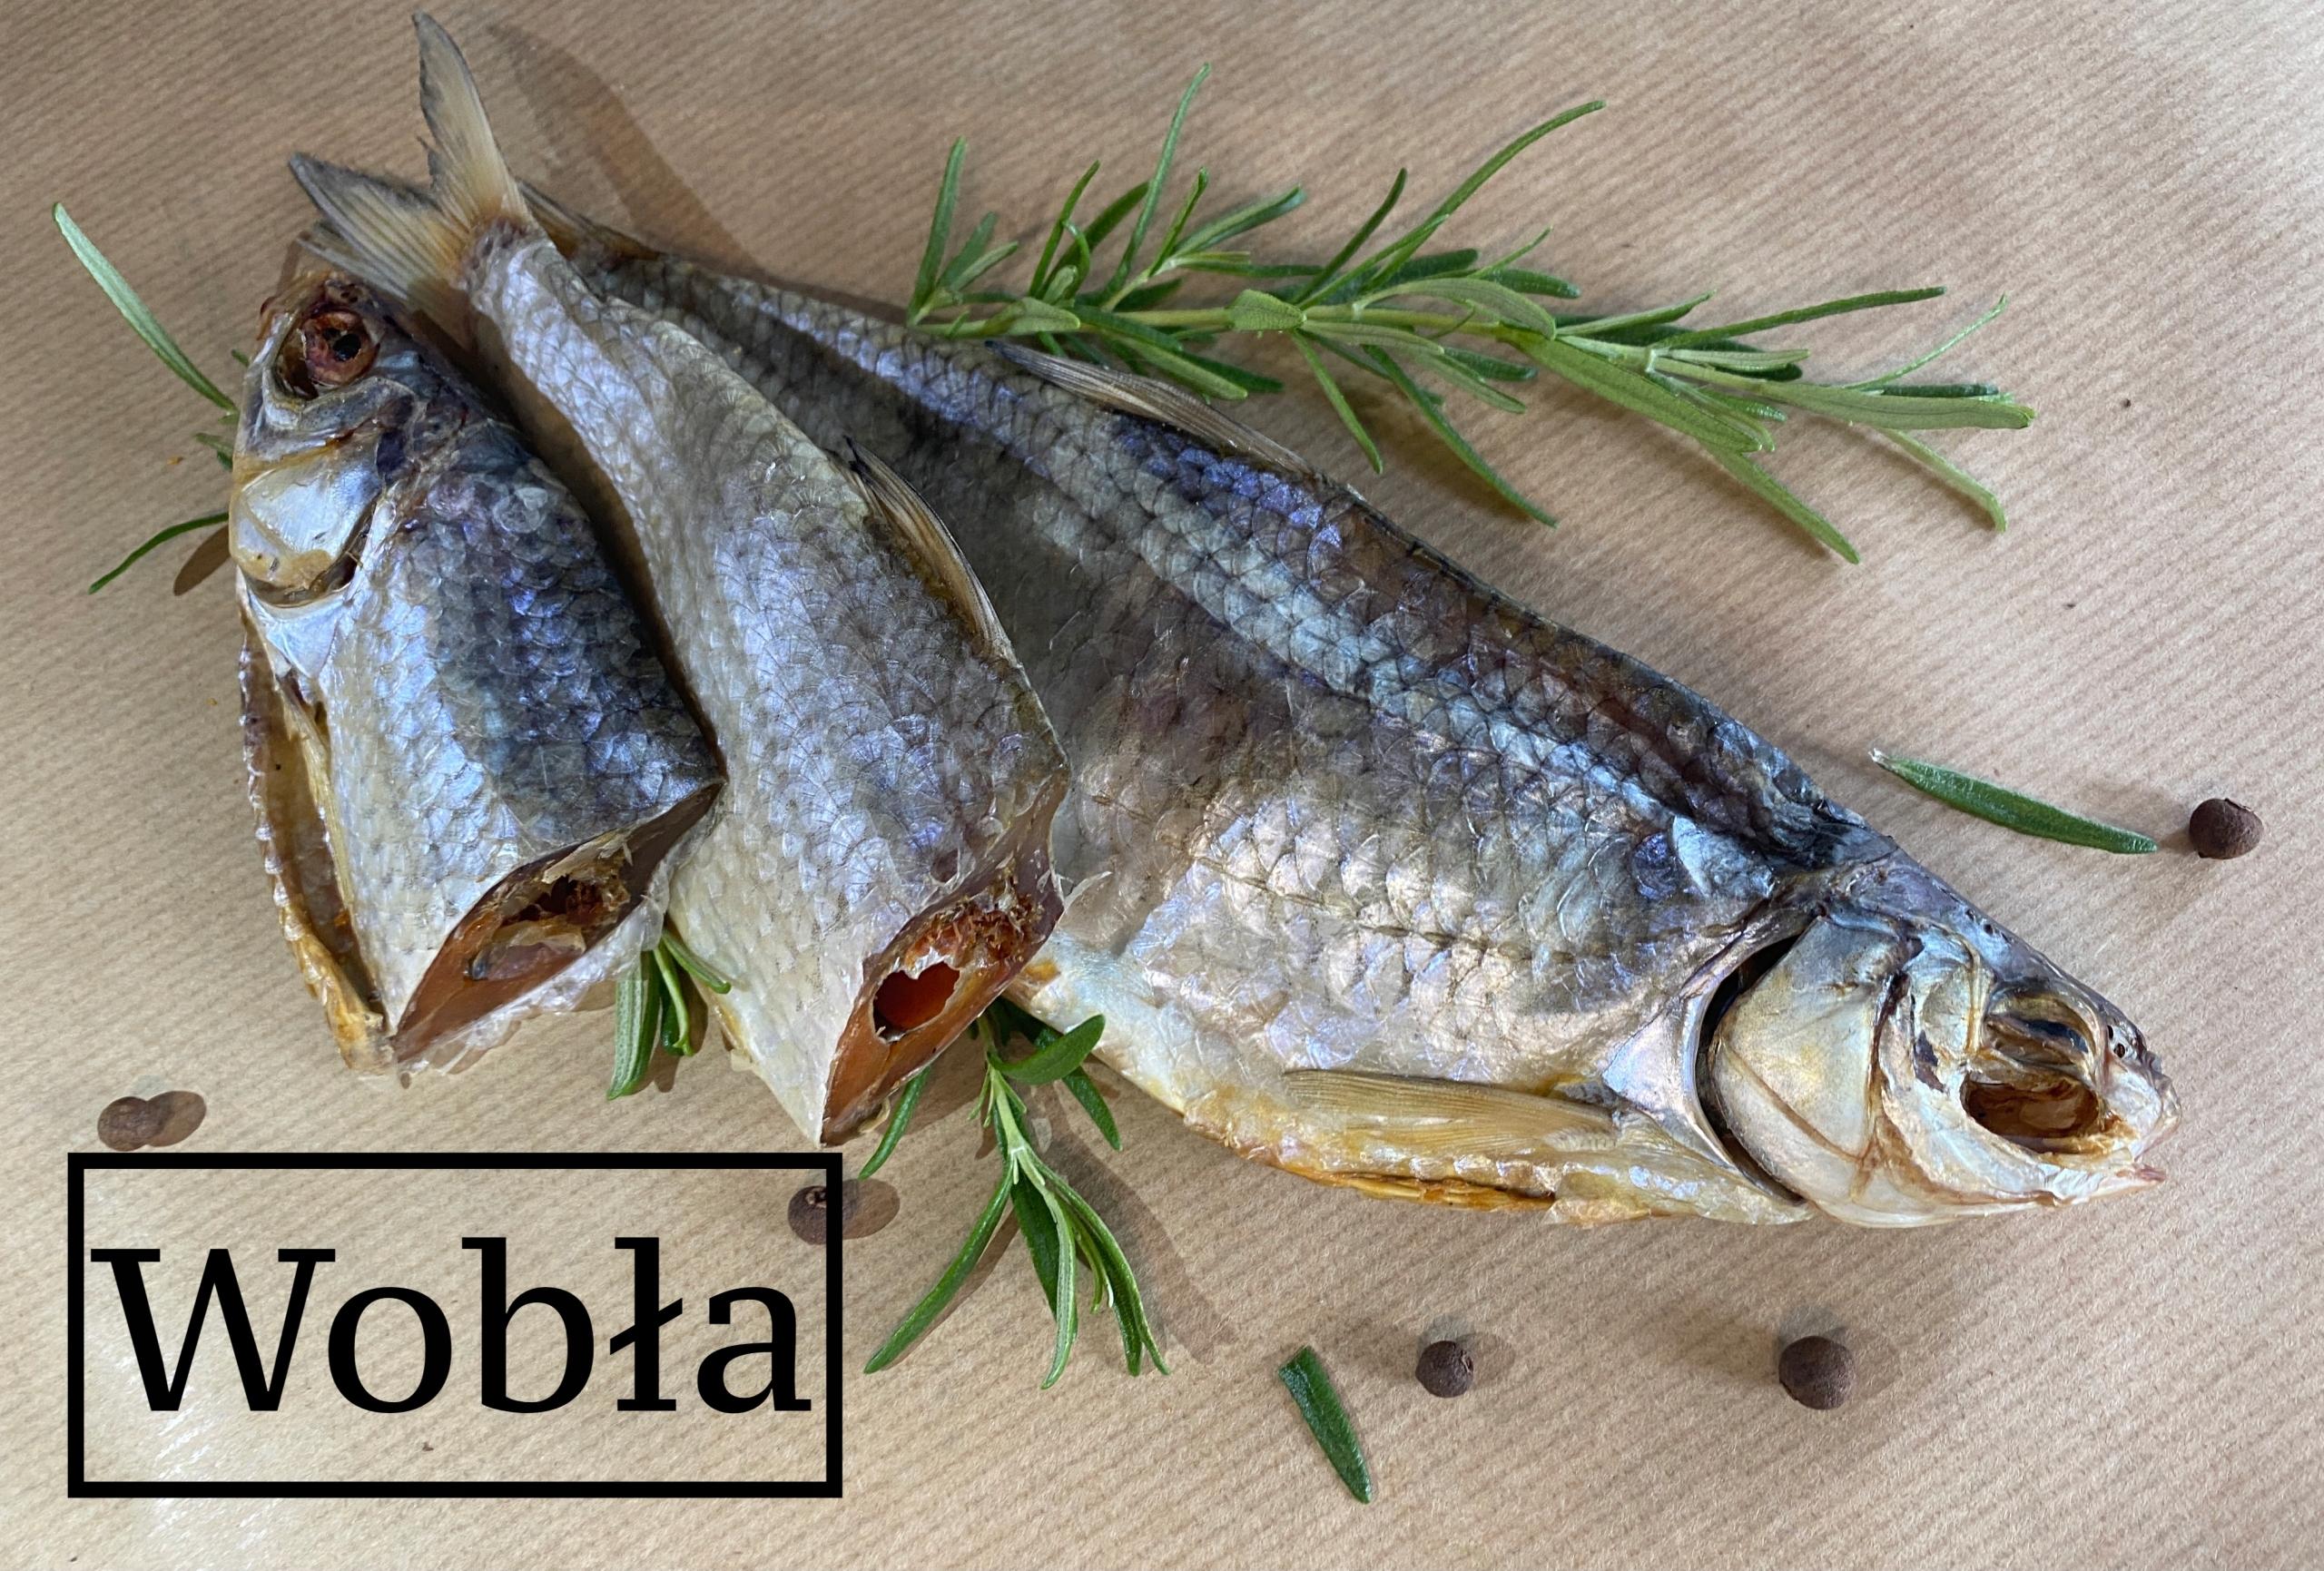 Вобла (каспийская плотва) Вяленая рыба 5 кг